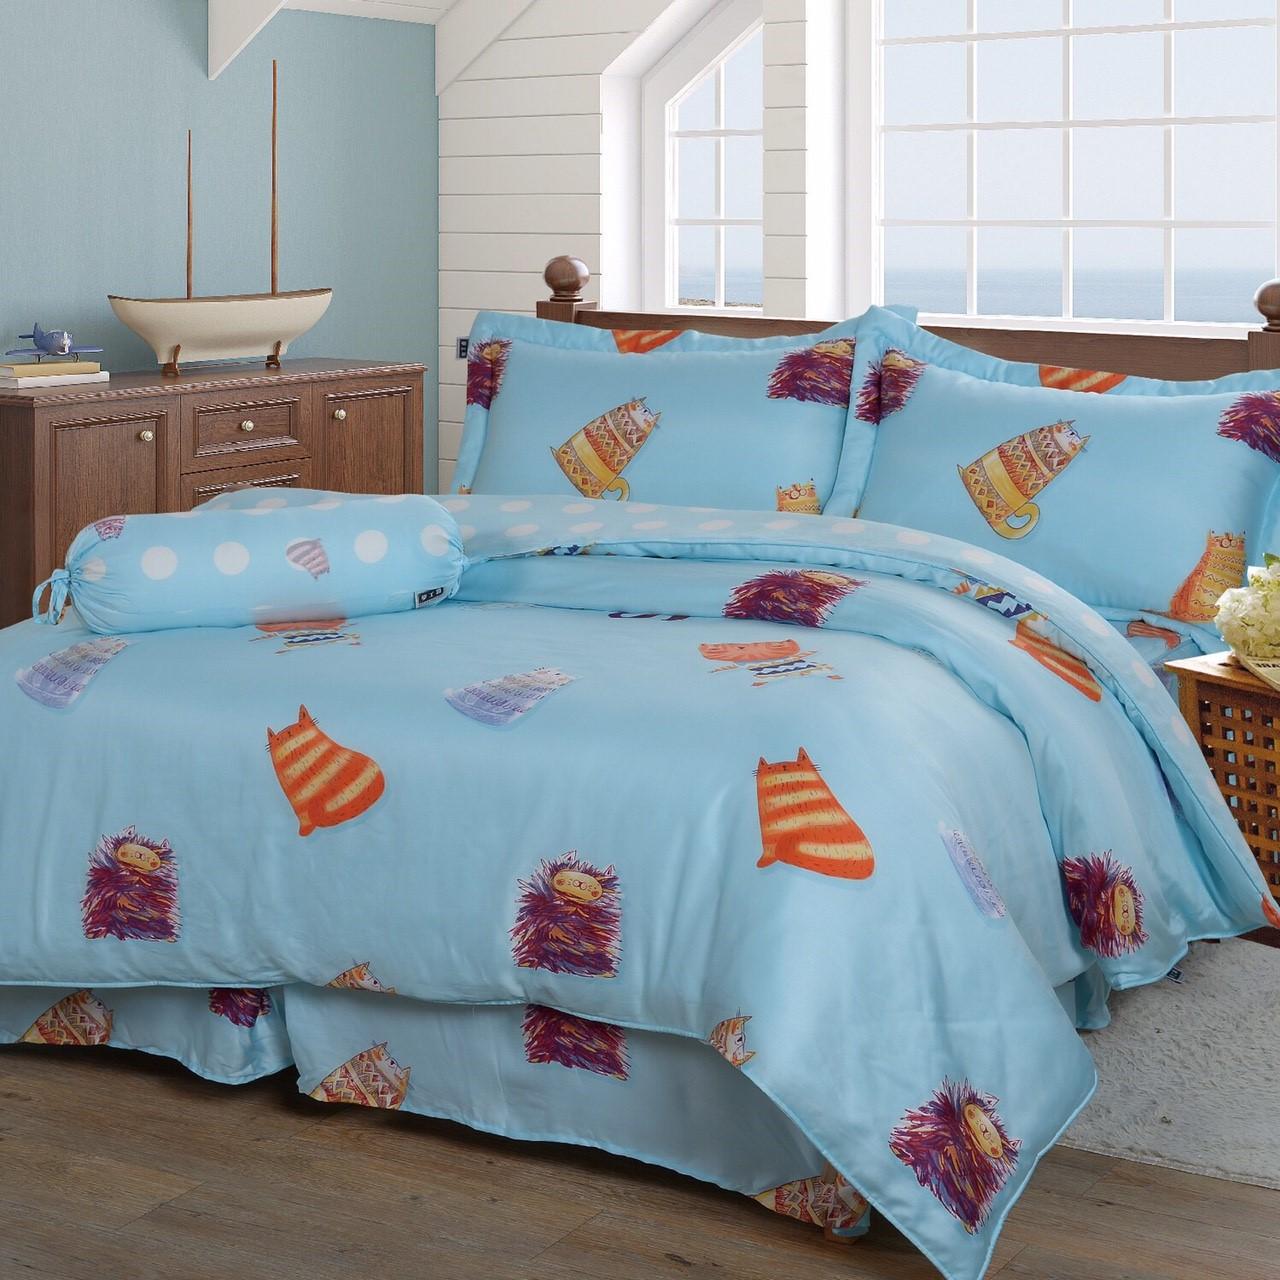 【特惠純天然】小貓5件式天絲鋪棉床罩組